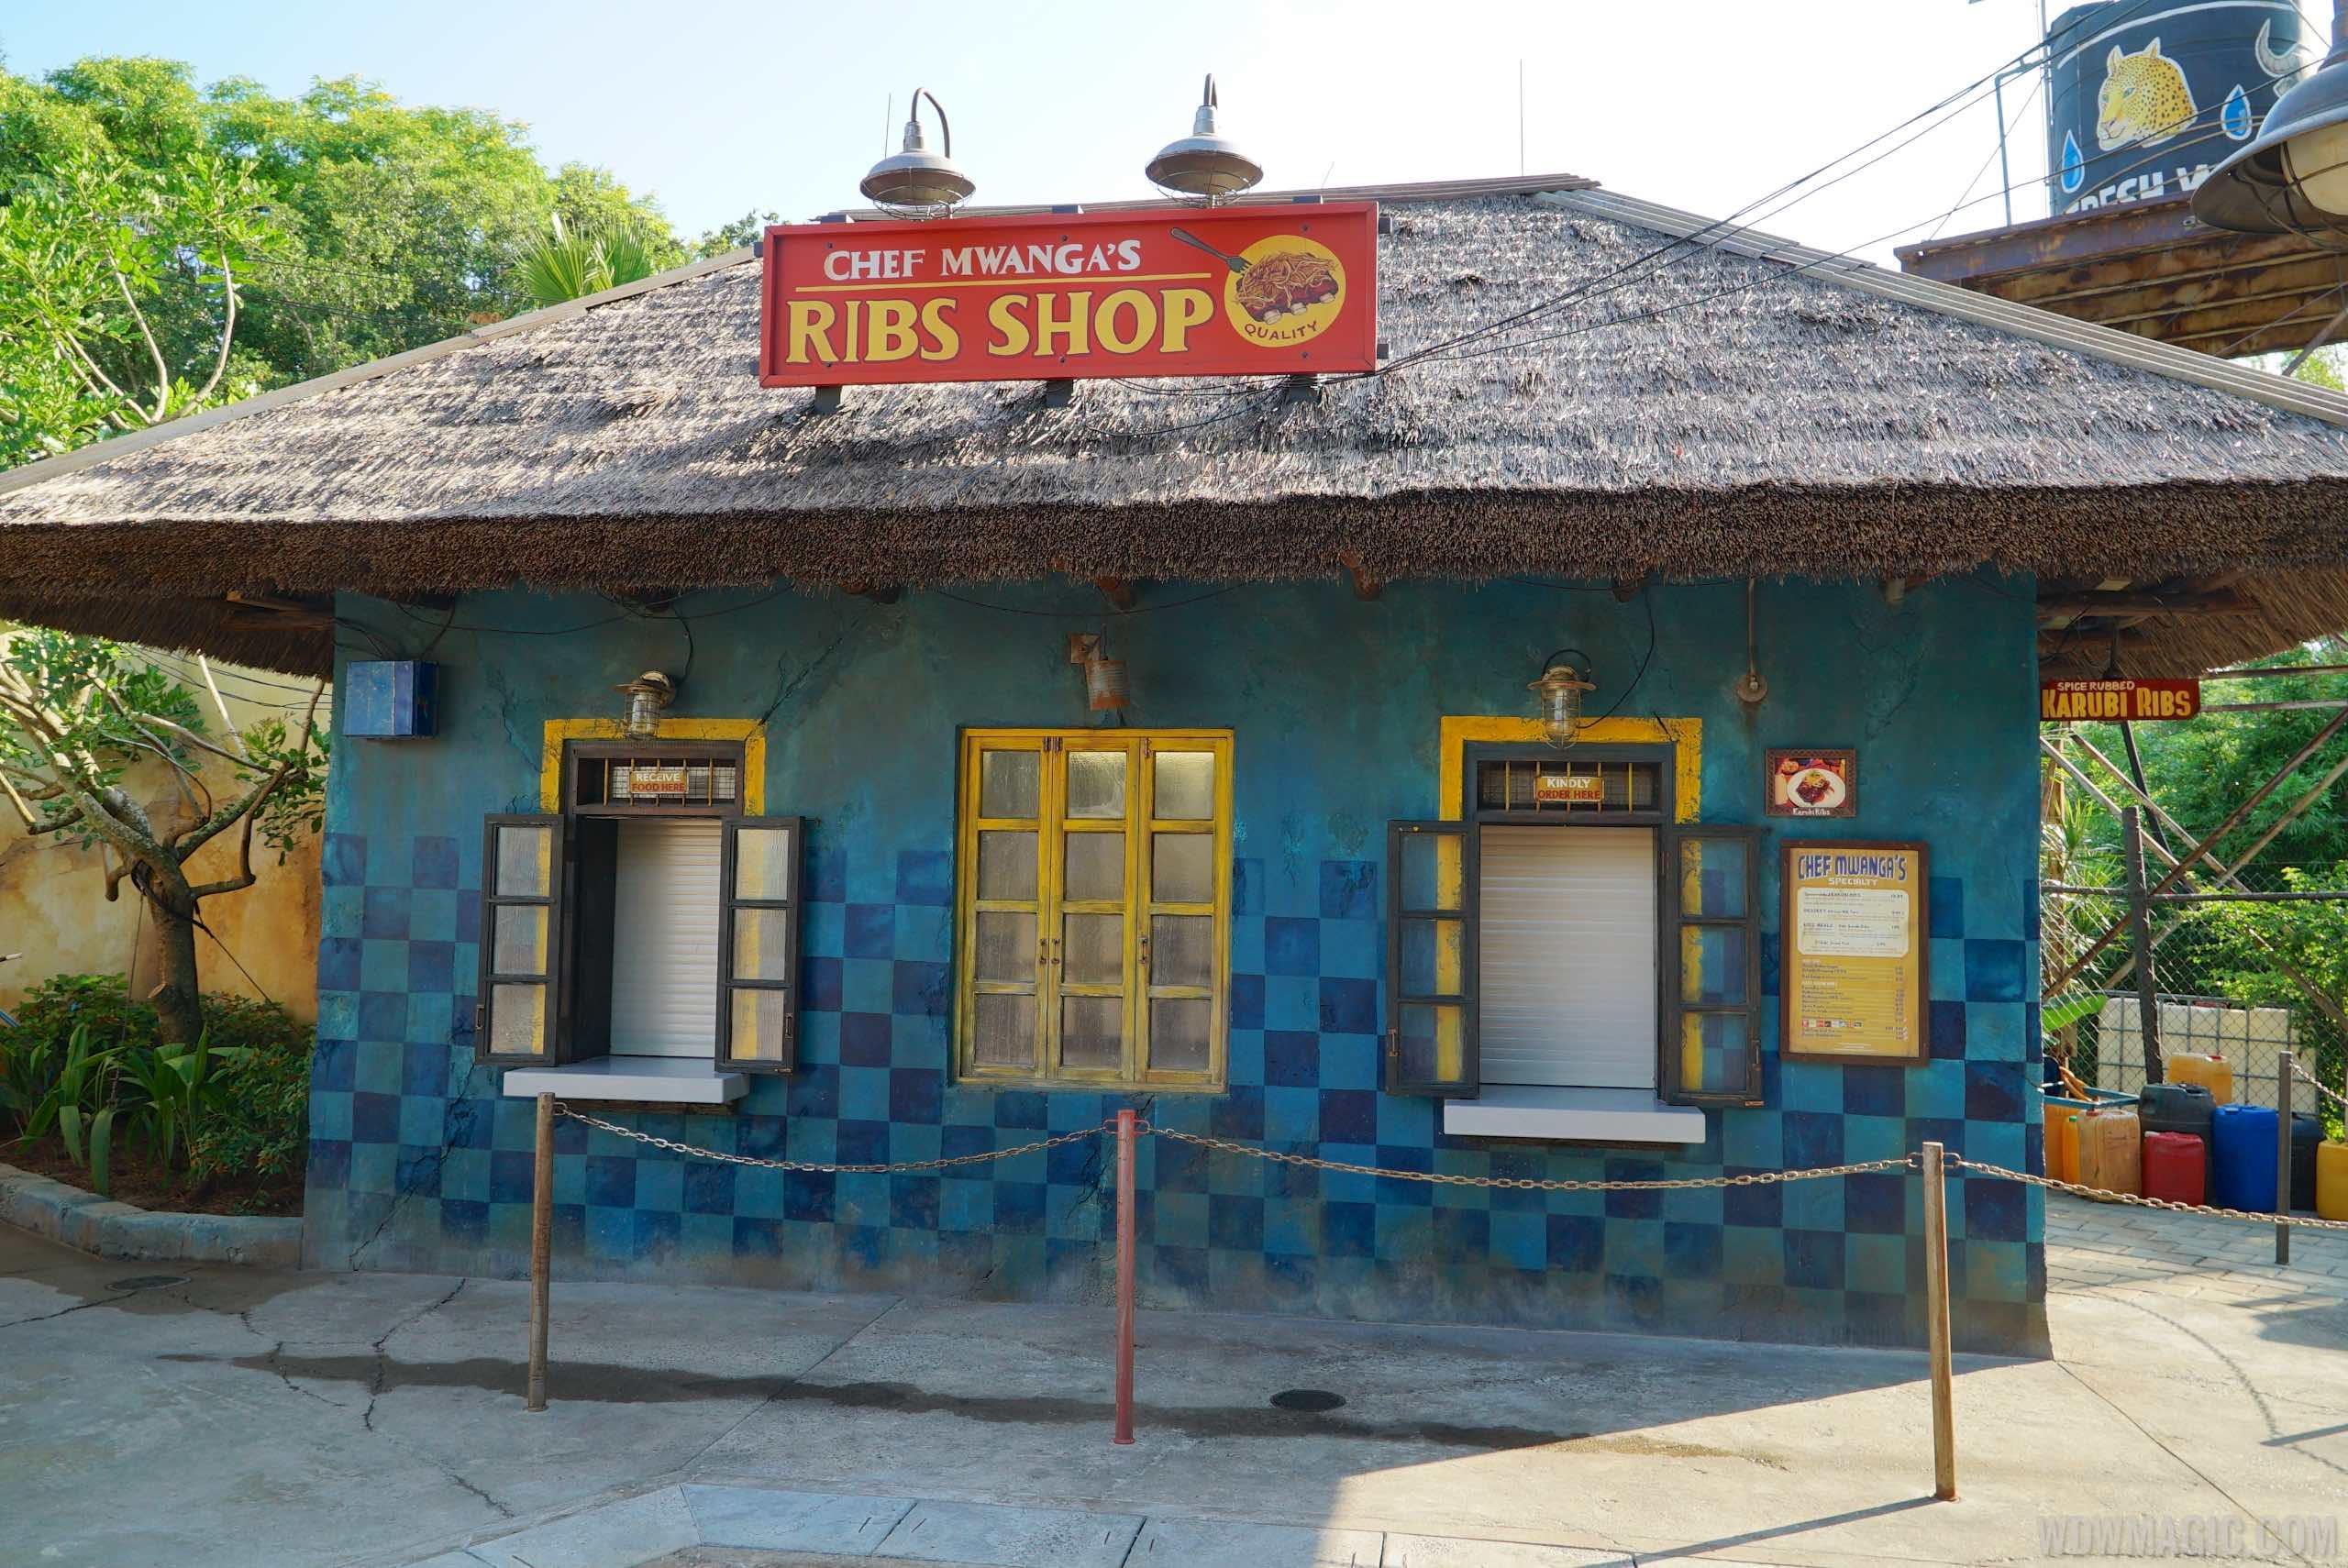 Harambe Market - Chef Mwanga's Rib Shop